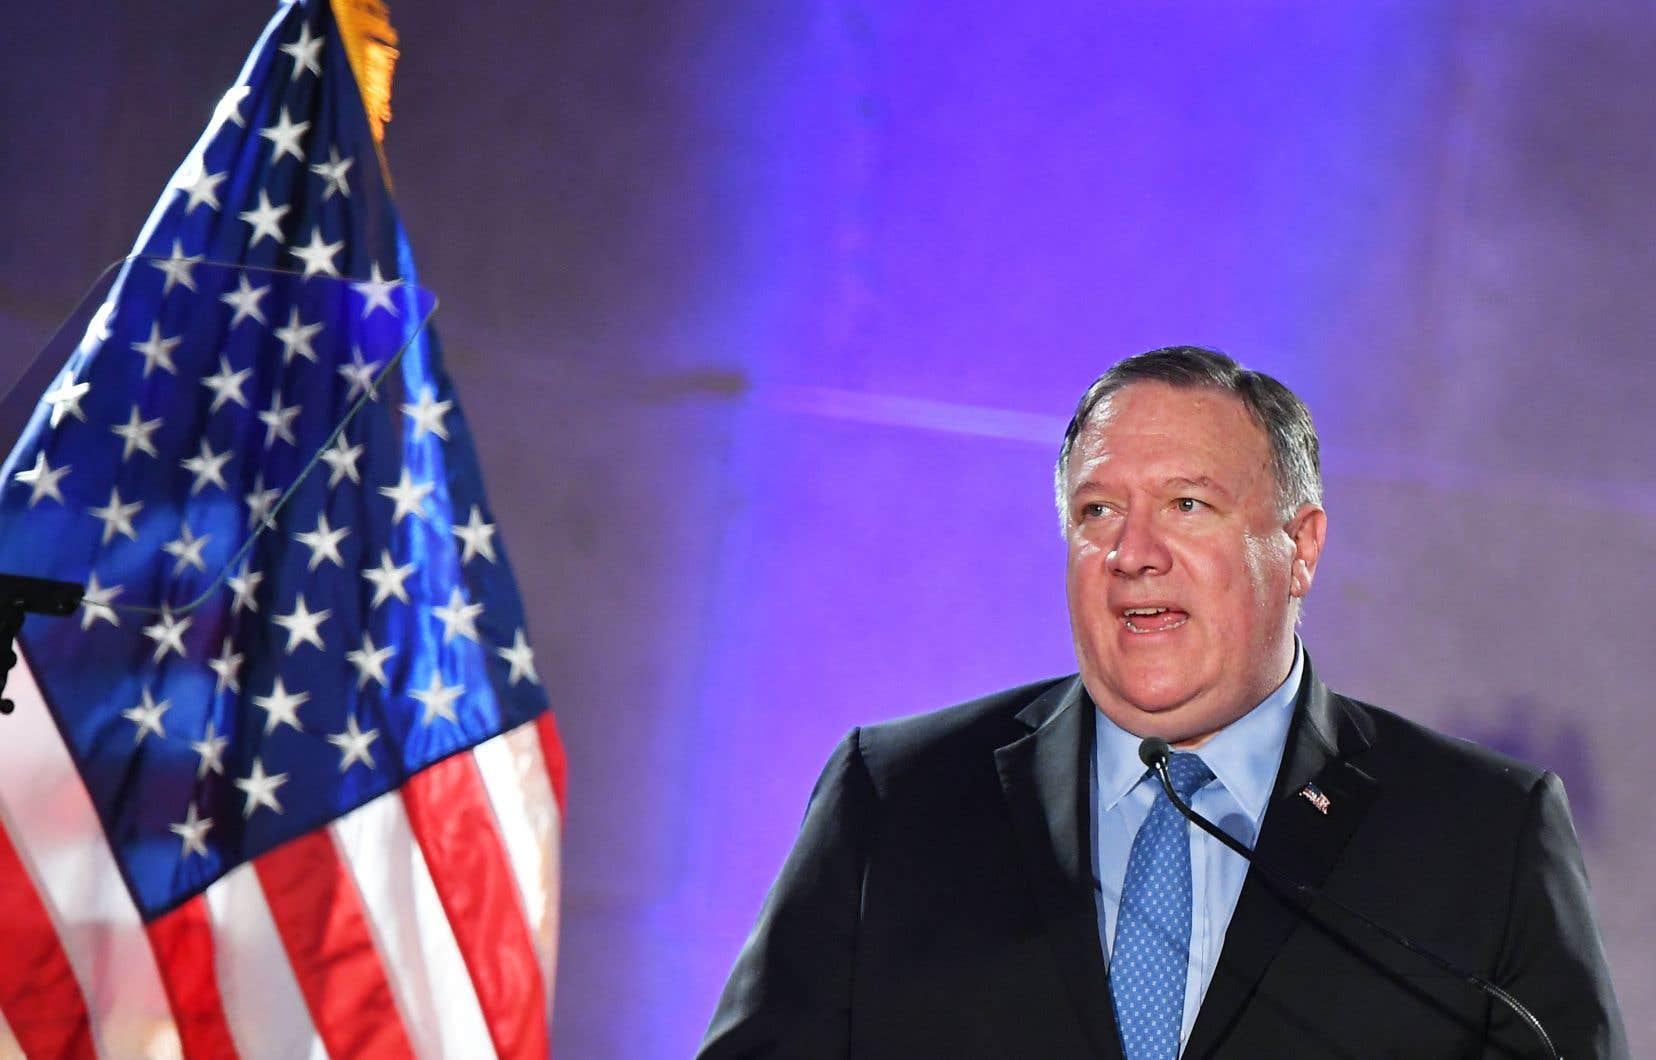 Le secrétaire d'État américain, Mike Pompeo, a accusé Huawei de mentir sur ses véritables liens avec les autorités chinoises.